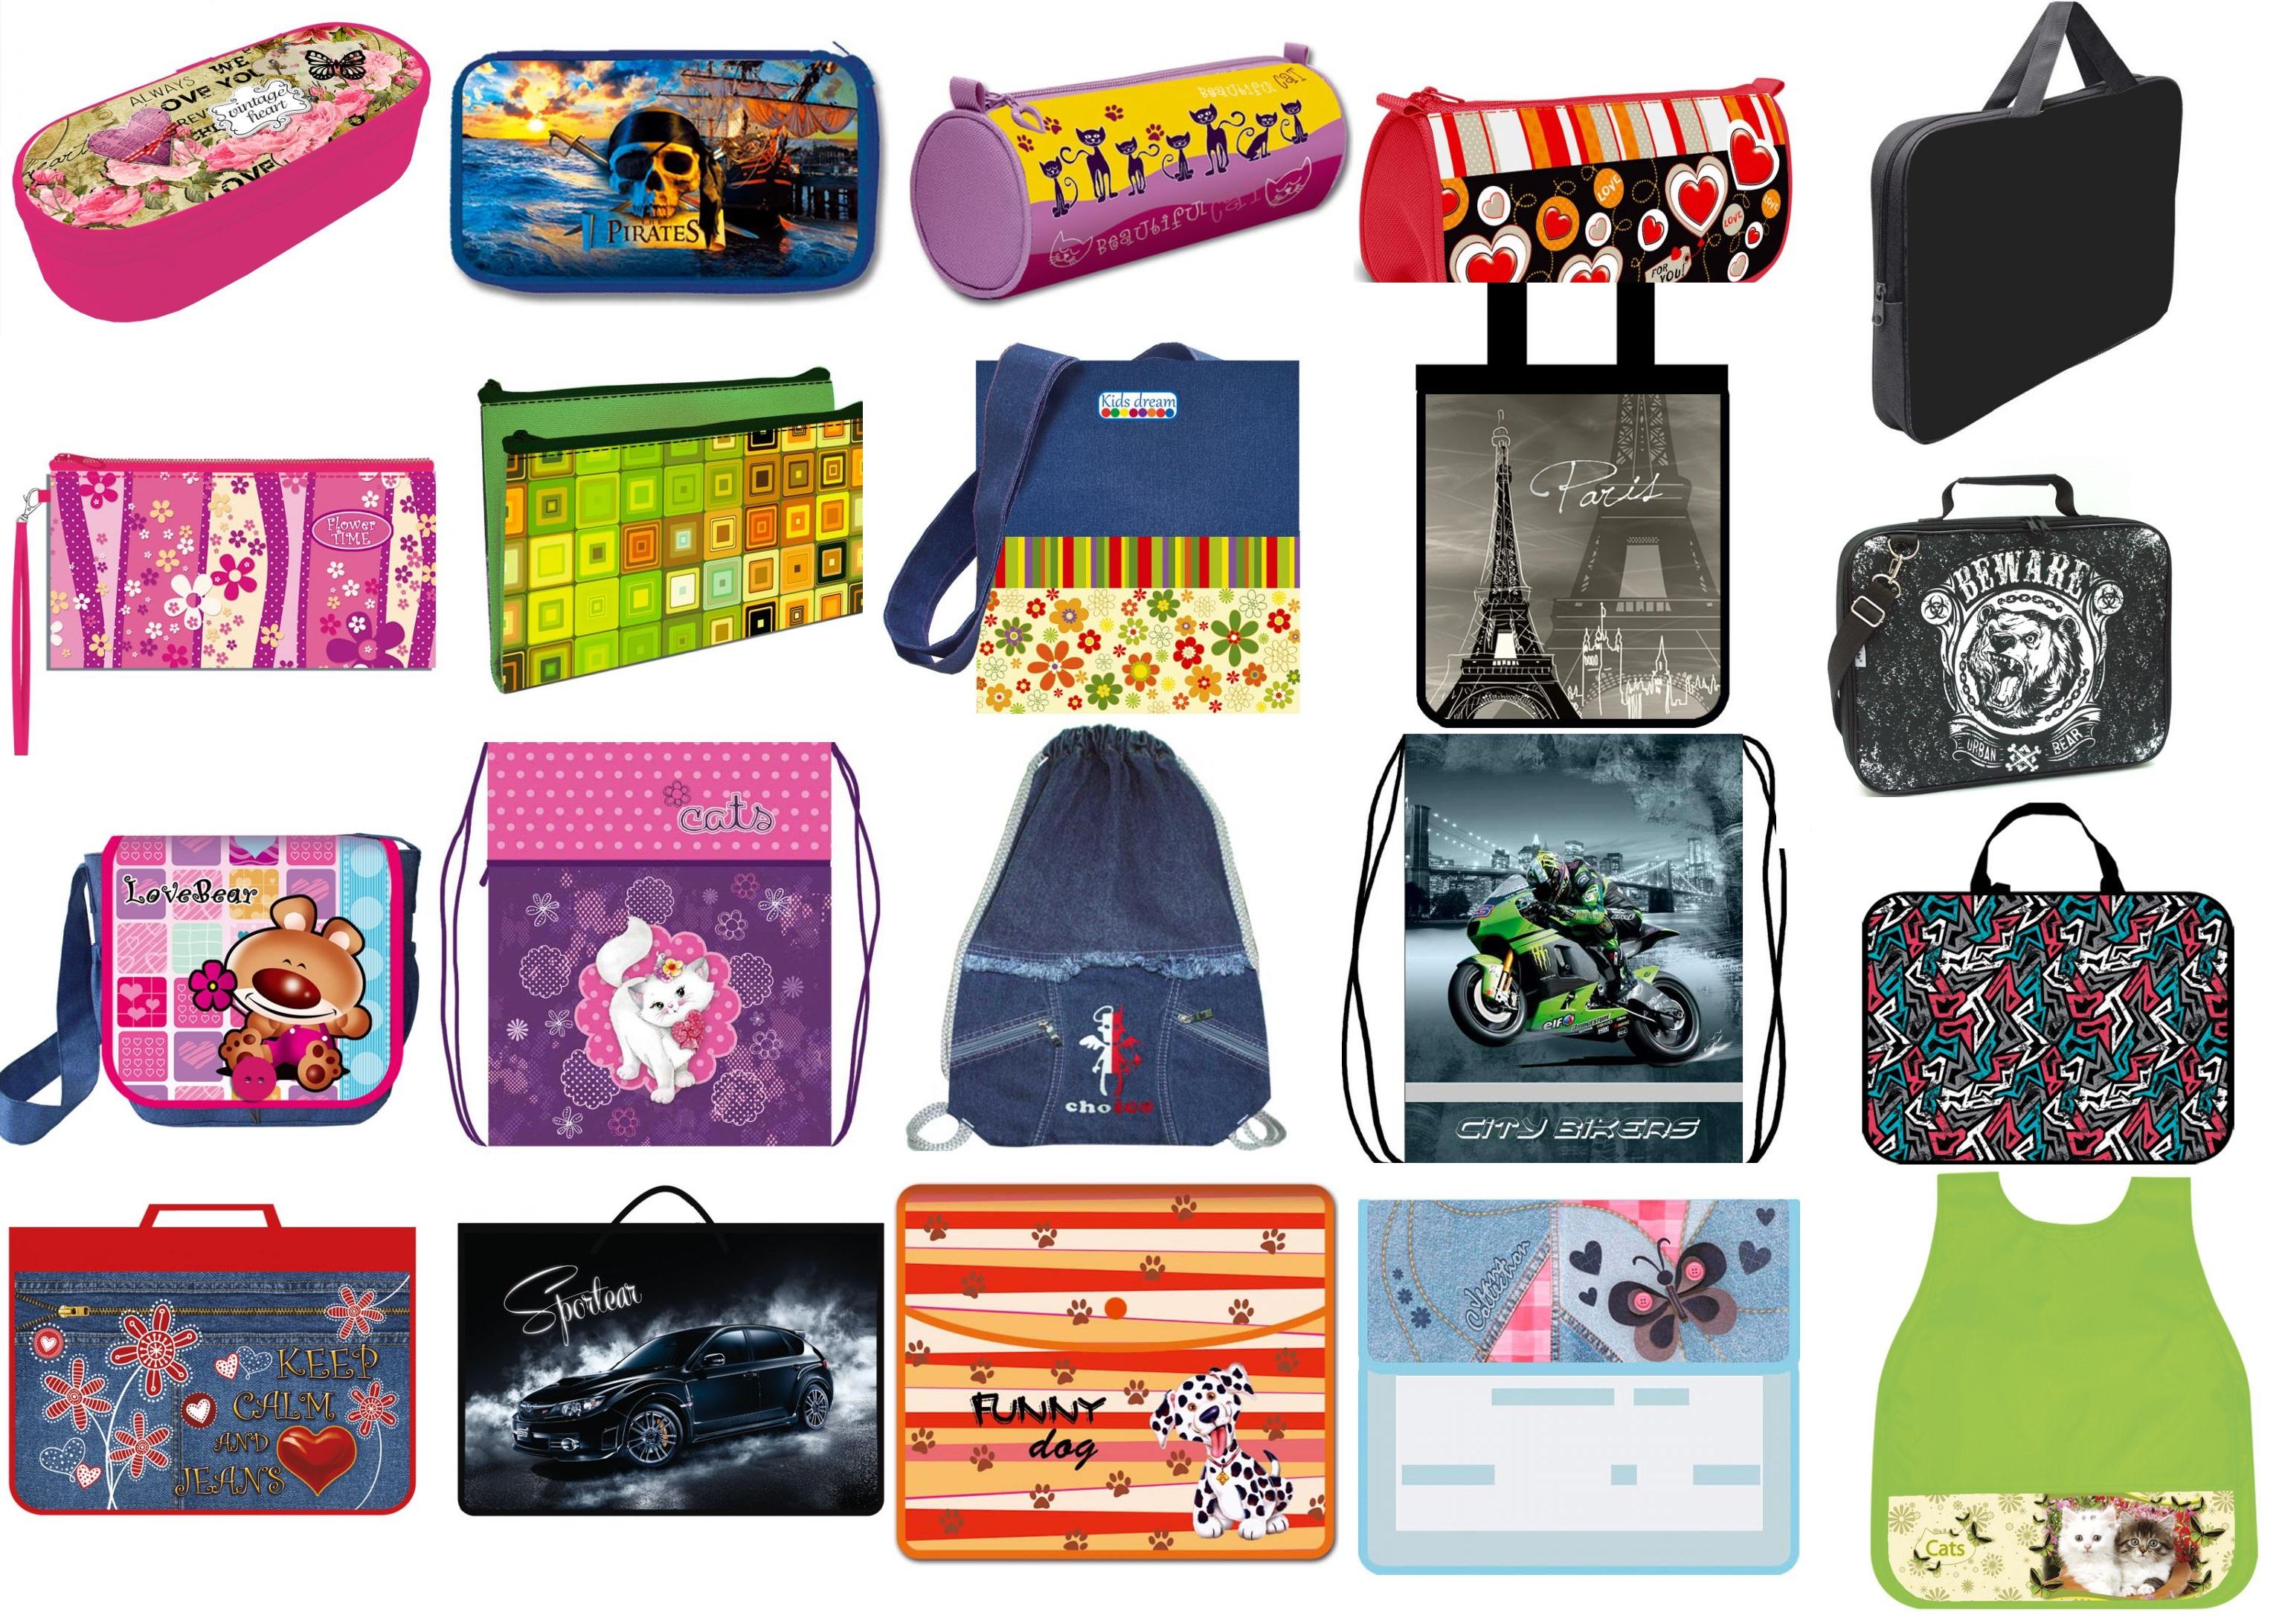 Пеналы, папки для тетрадей, мешки для обуви, сумки для внешкольных занятий. Папки для рисования формата А1, А2, А3. Выбираем подарки для мальчиков и девочек к праздникам или просто готовим к школе)))